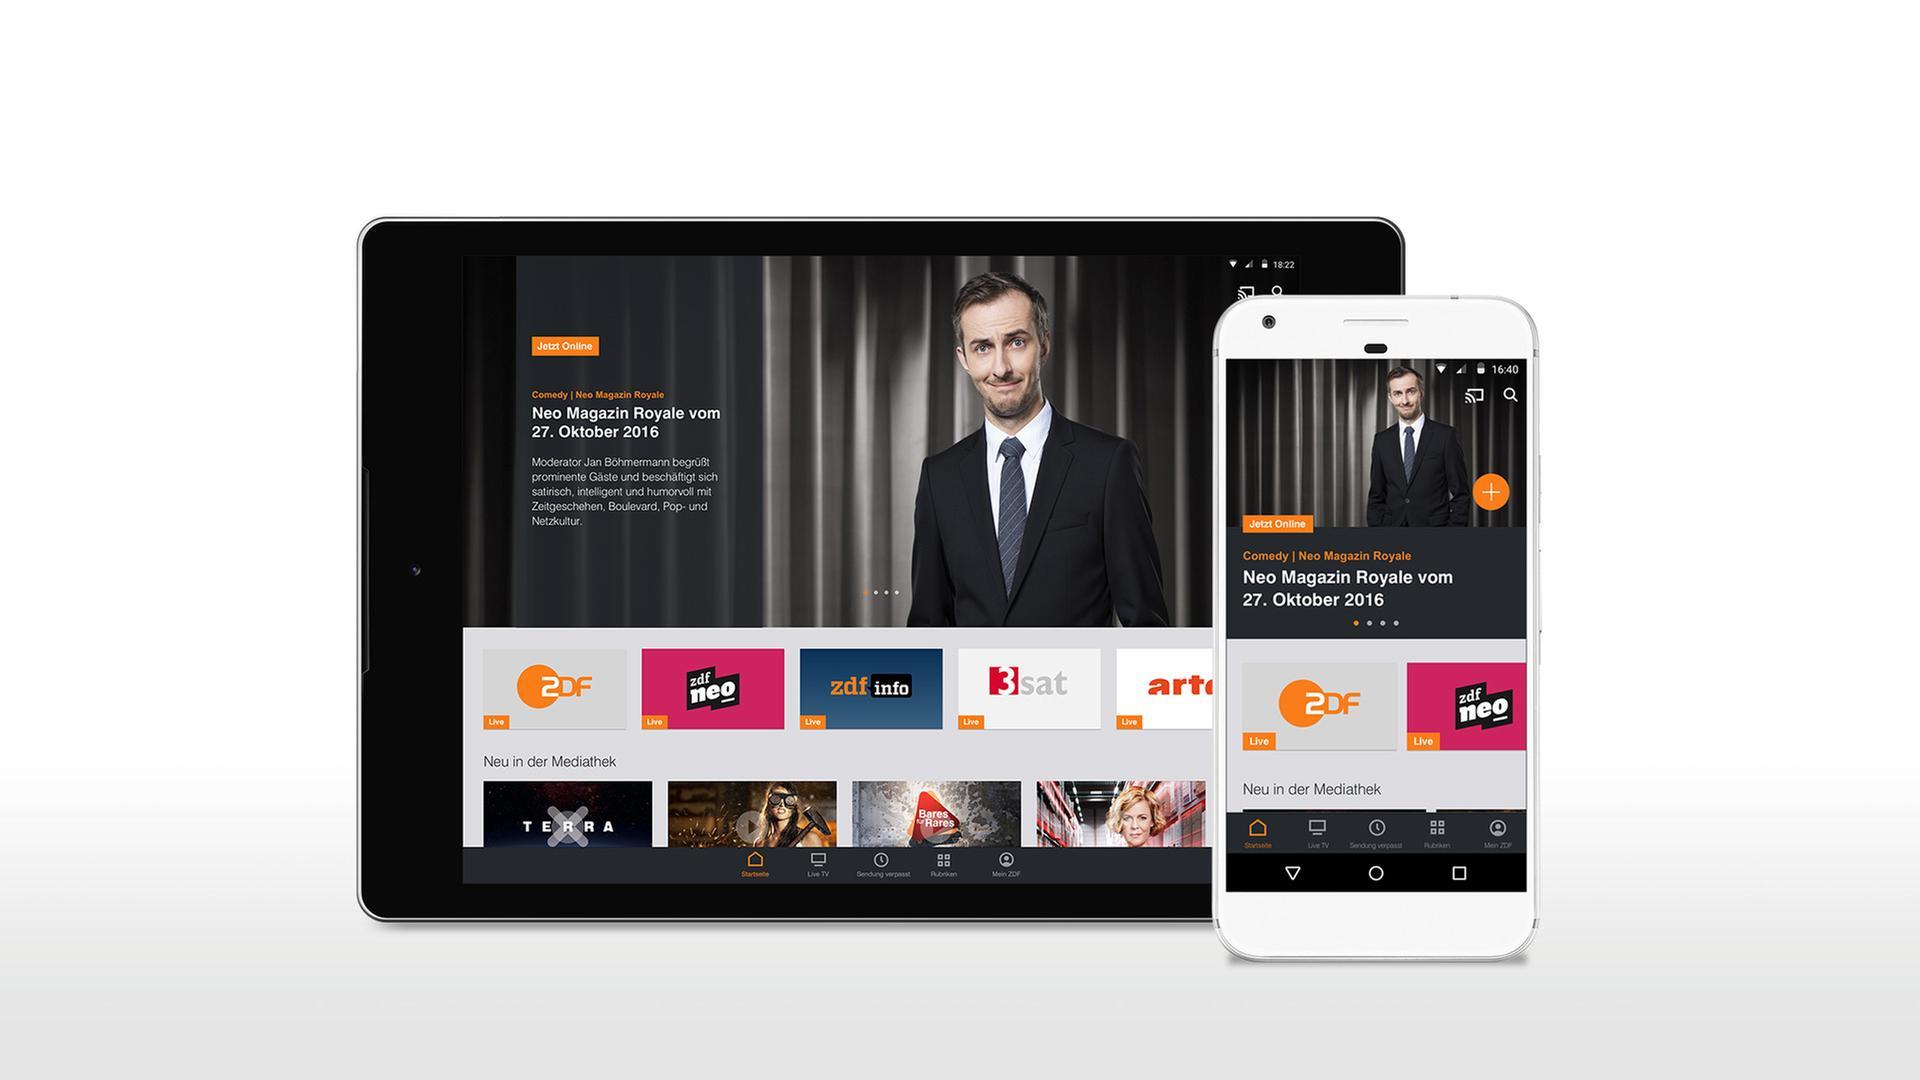 Mobile Angebote Zdf Apps Und Mehr Zdfmediathek